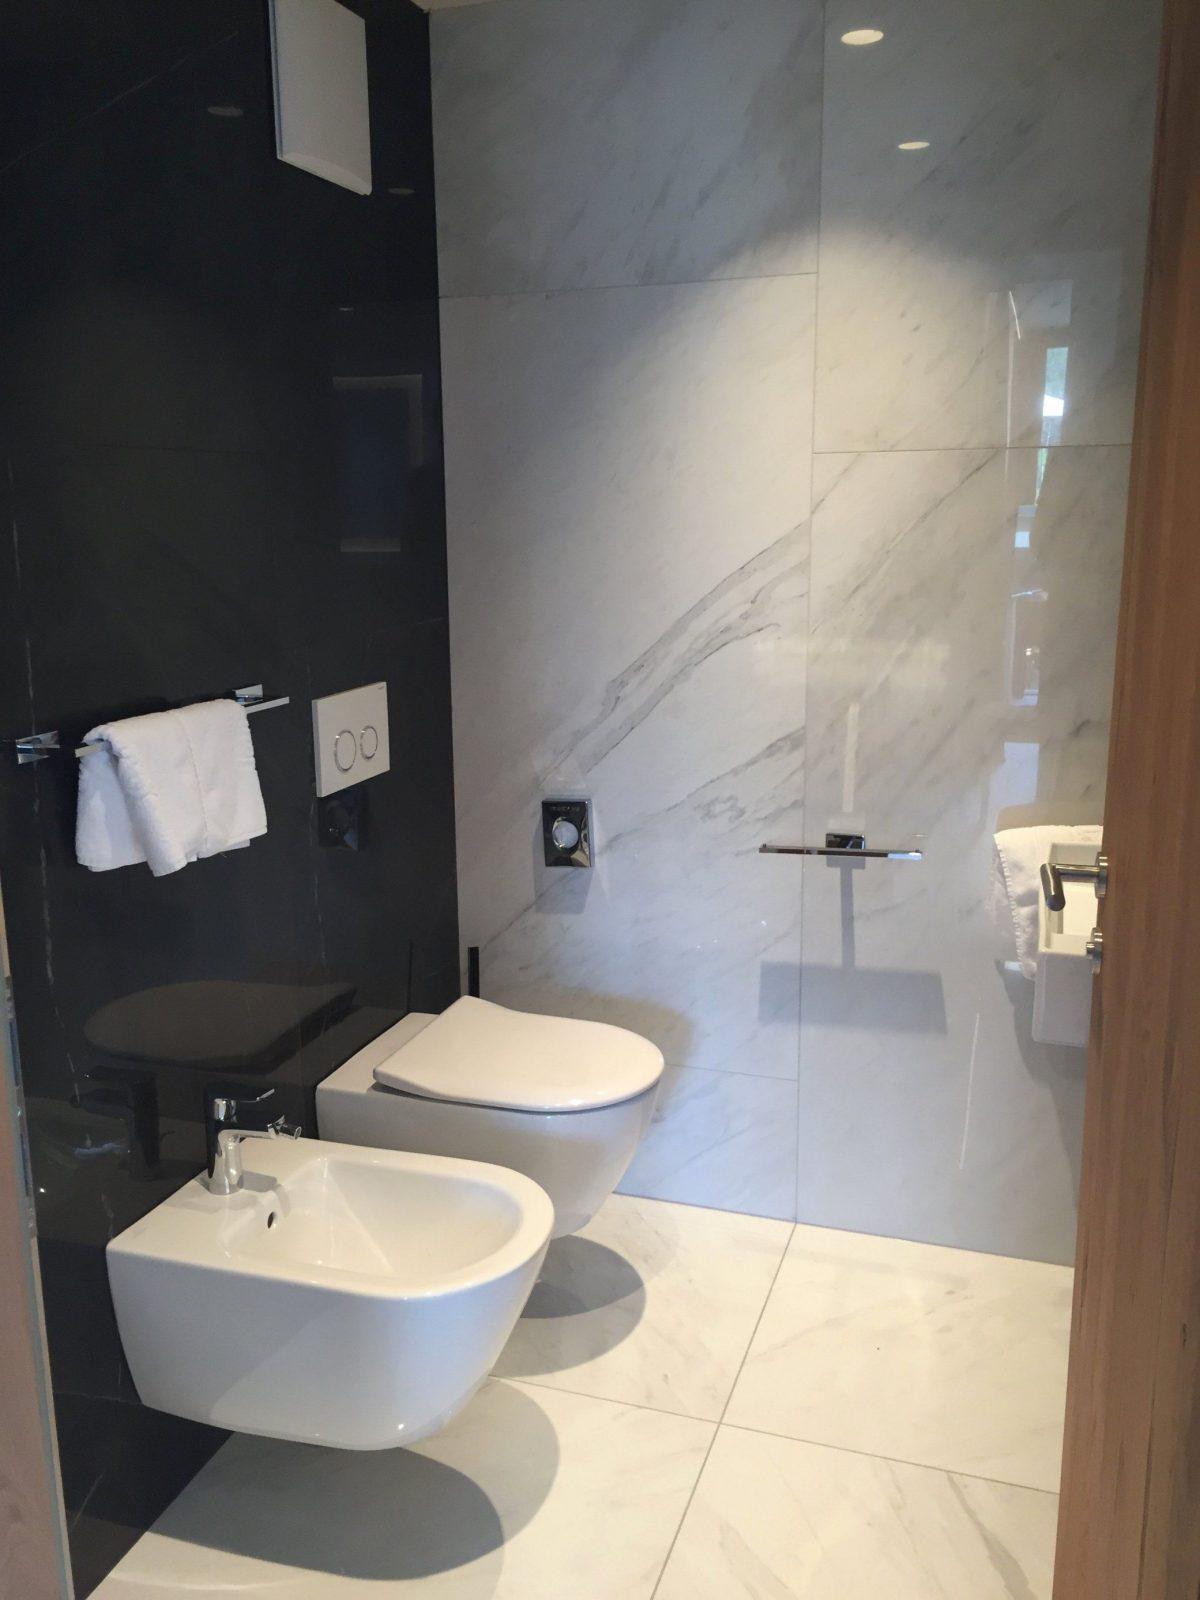 gste wc gestaltung badezimmer fliesen avec kleines wc gestalten frische die besten gste wc. Black Bedroom Furniture Sets. Home Design Ideas